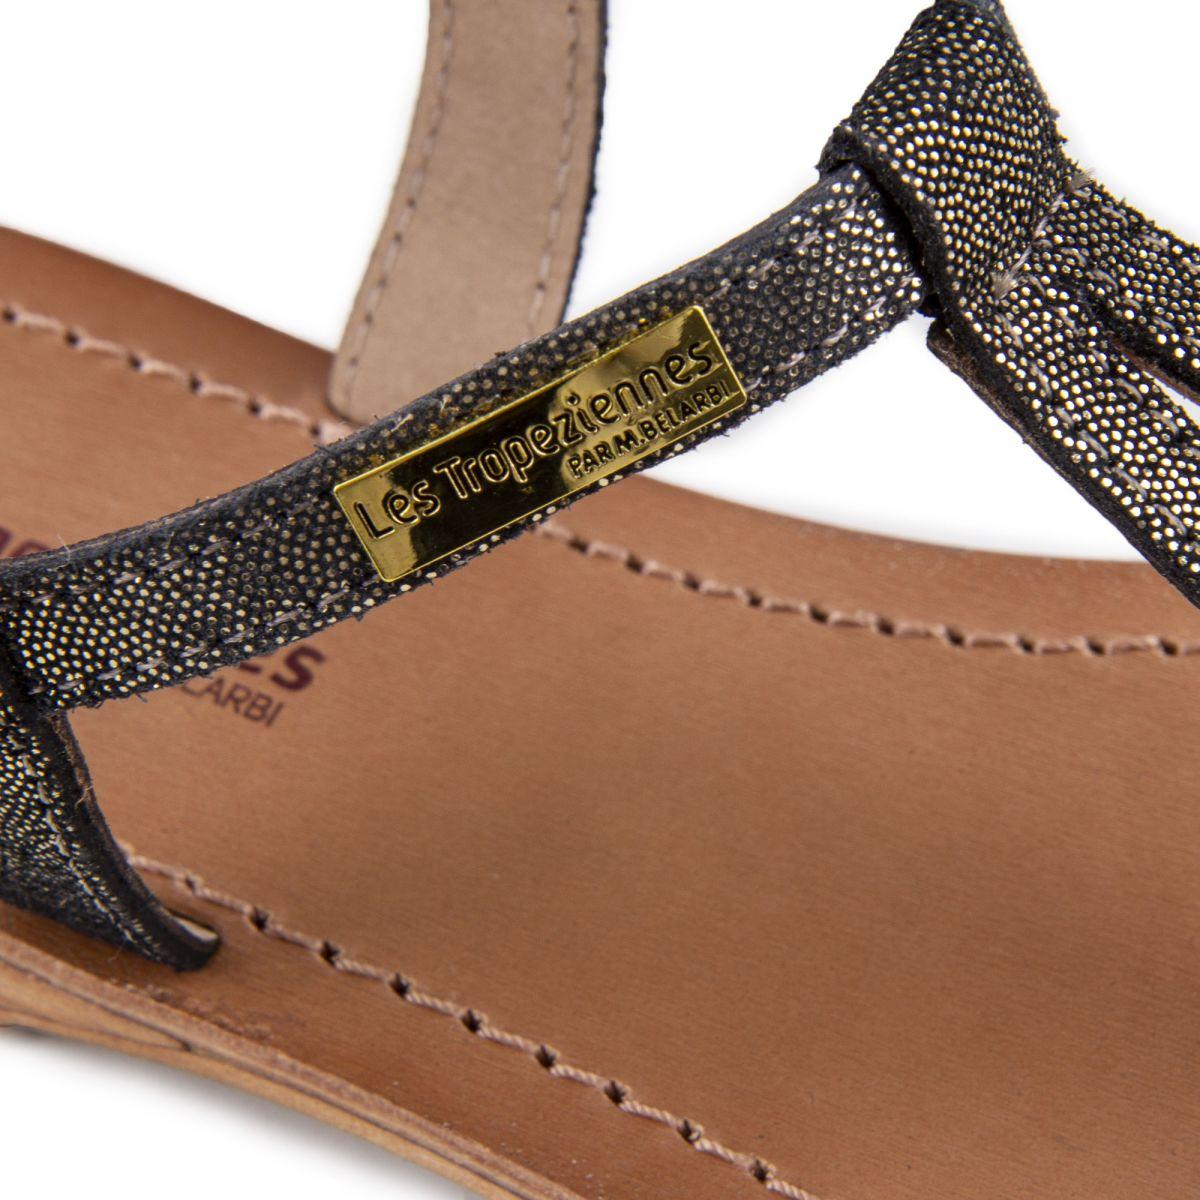 sandales plates hamat femme les tropeziennes par m belarbi. Black Bedroom Furniture Sets. Home Design Ideas